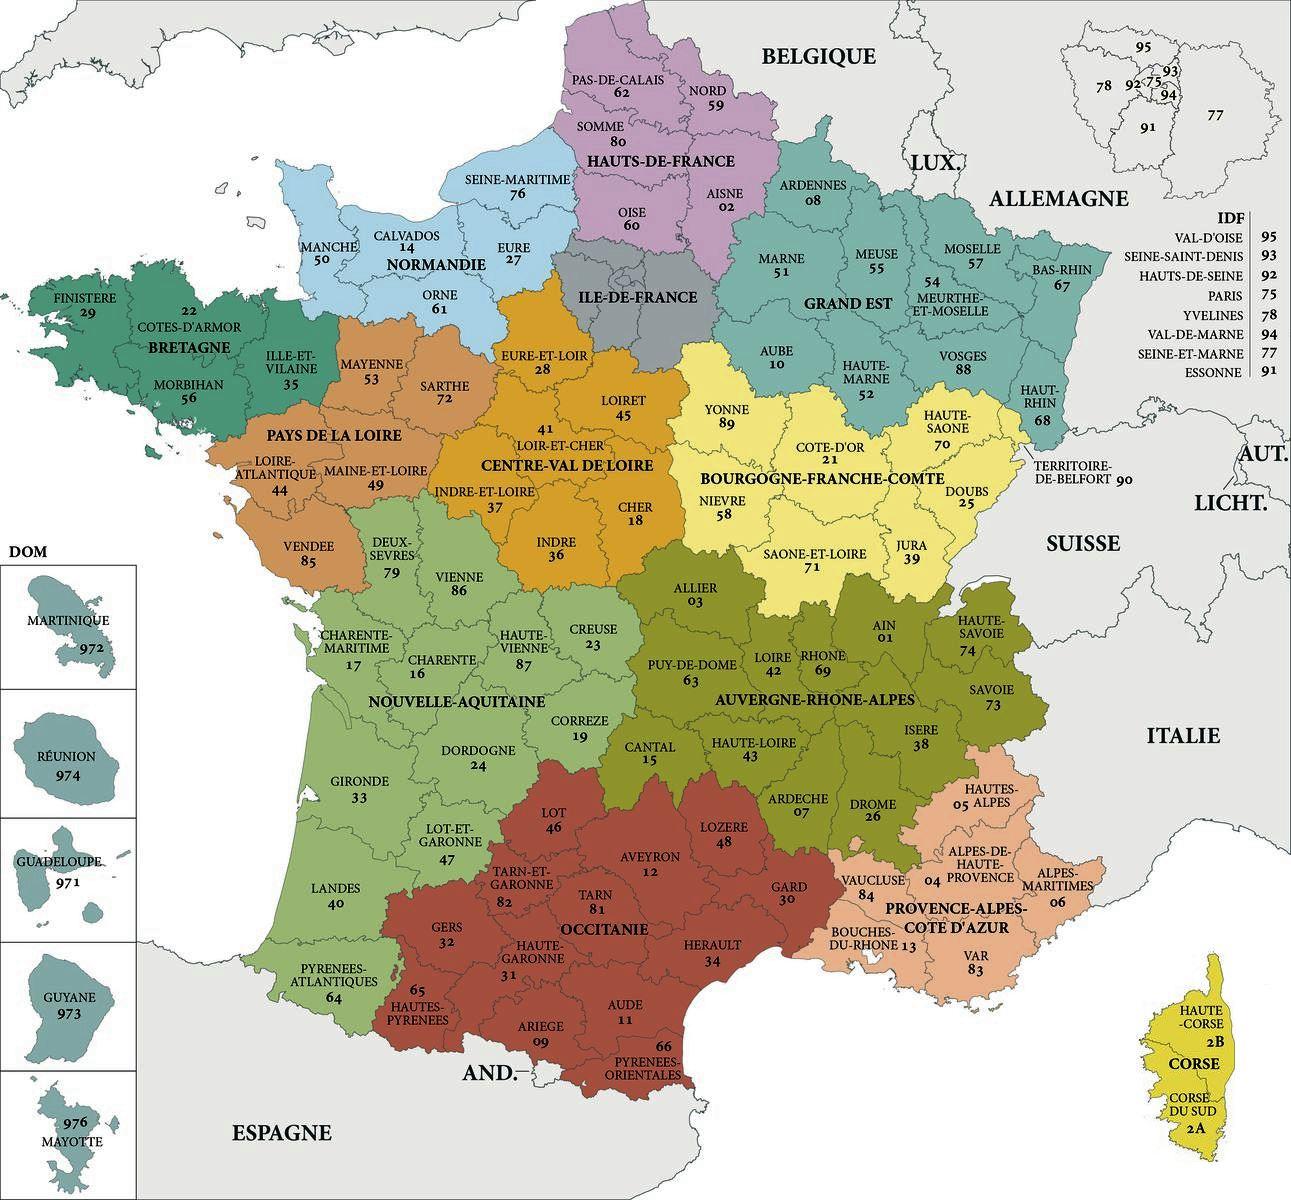 Carte De France Des Regions : Carte Des Régions De France intérieur Carte De France Nouvelles Régions